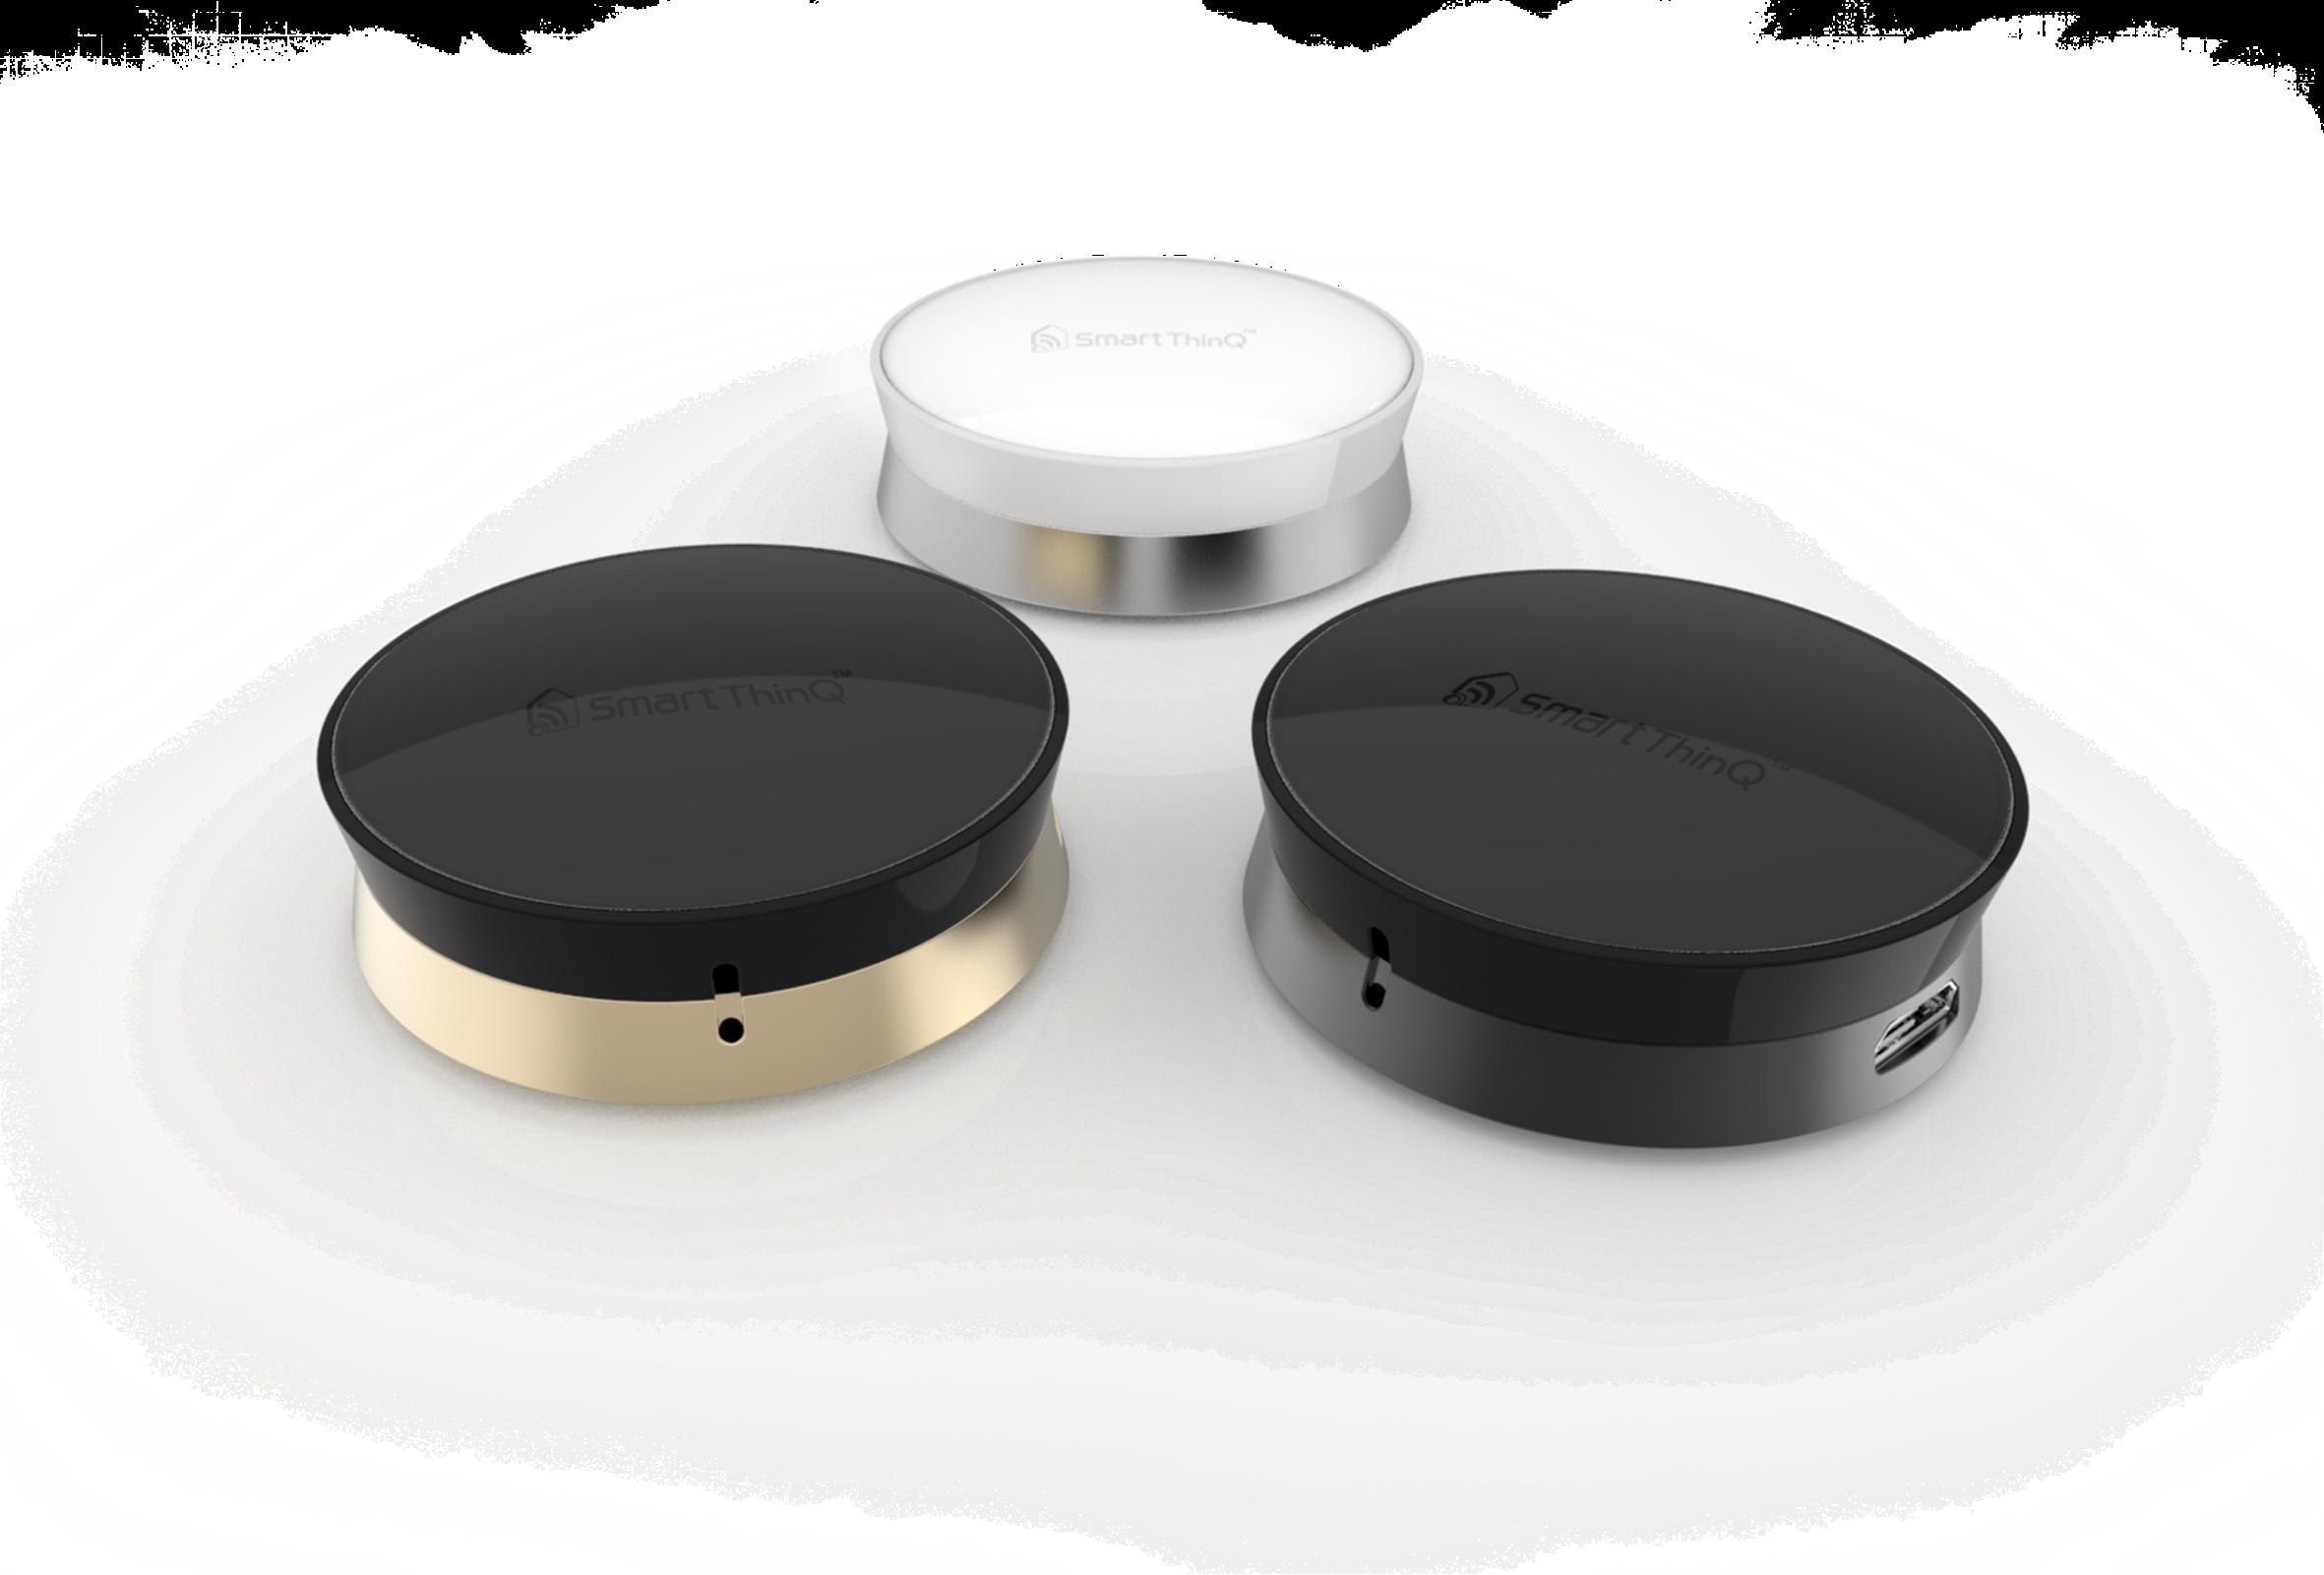 LG智能传感器和智能家电将亮相2015 IFA